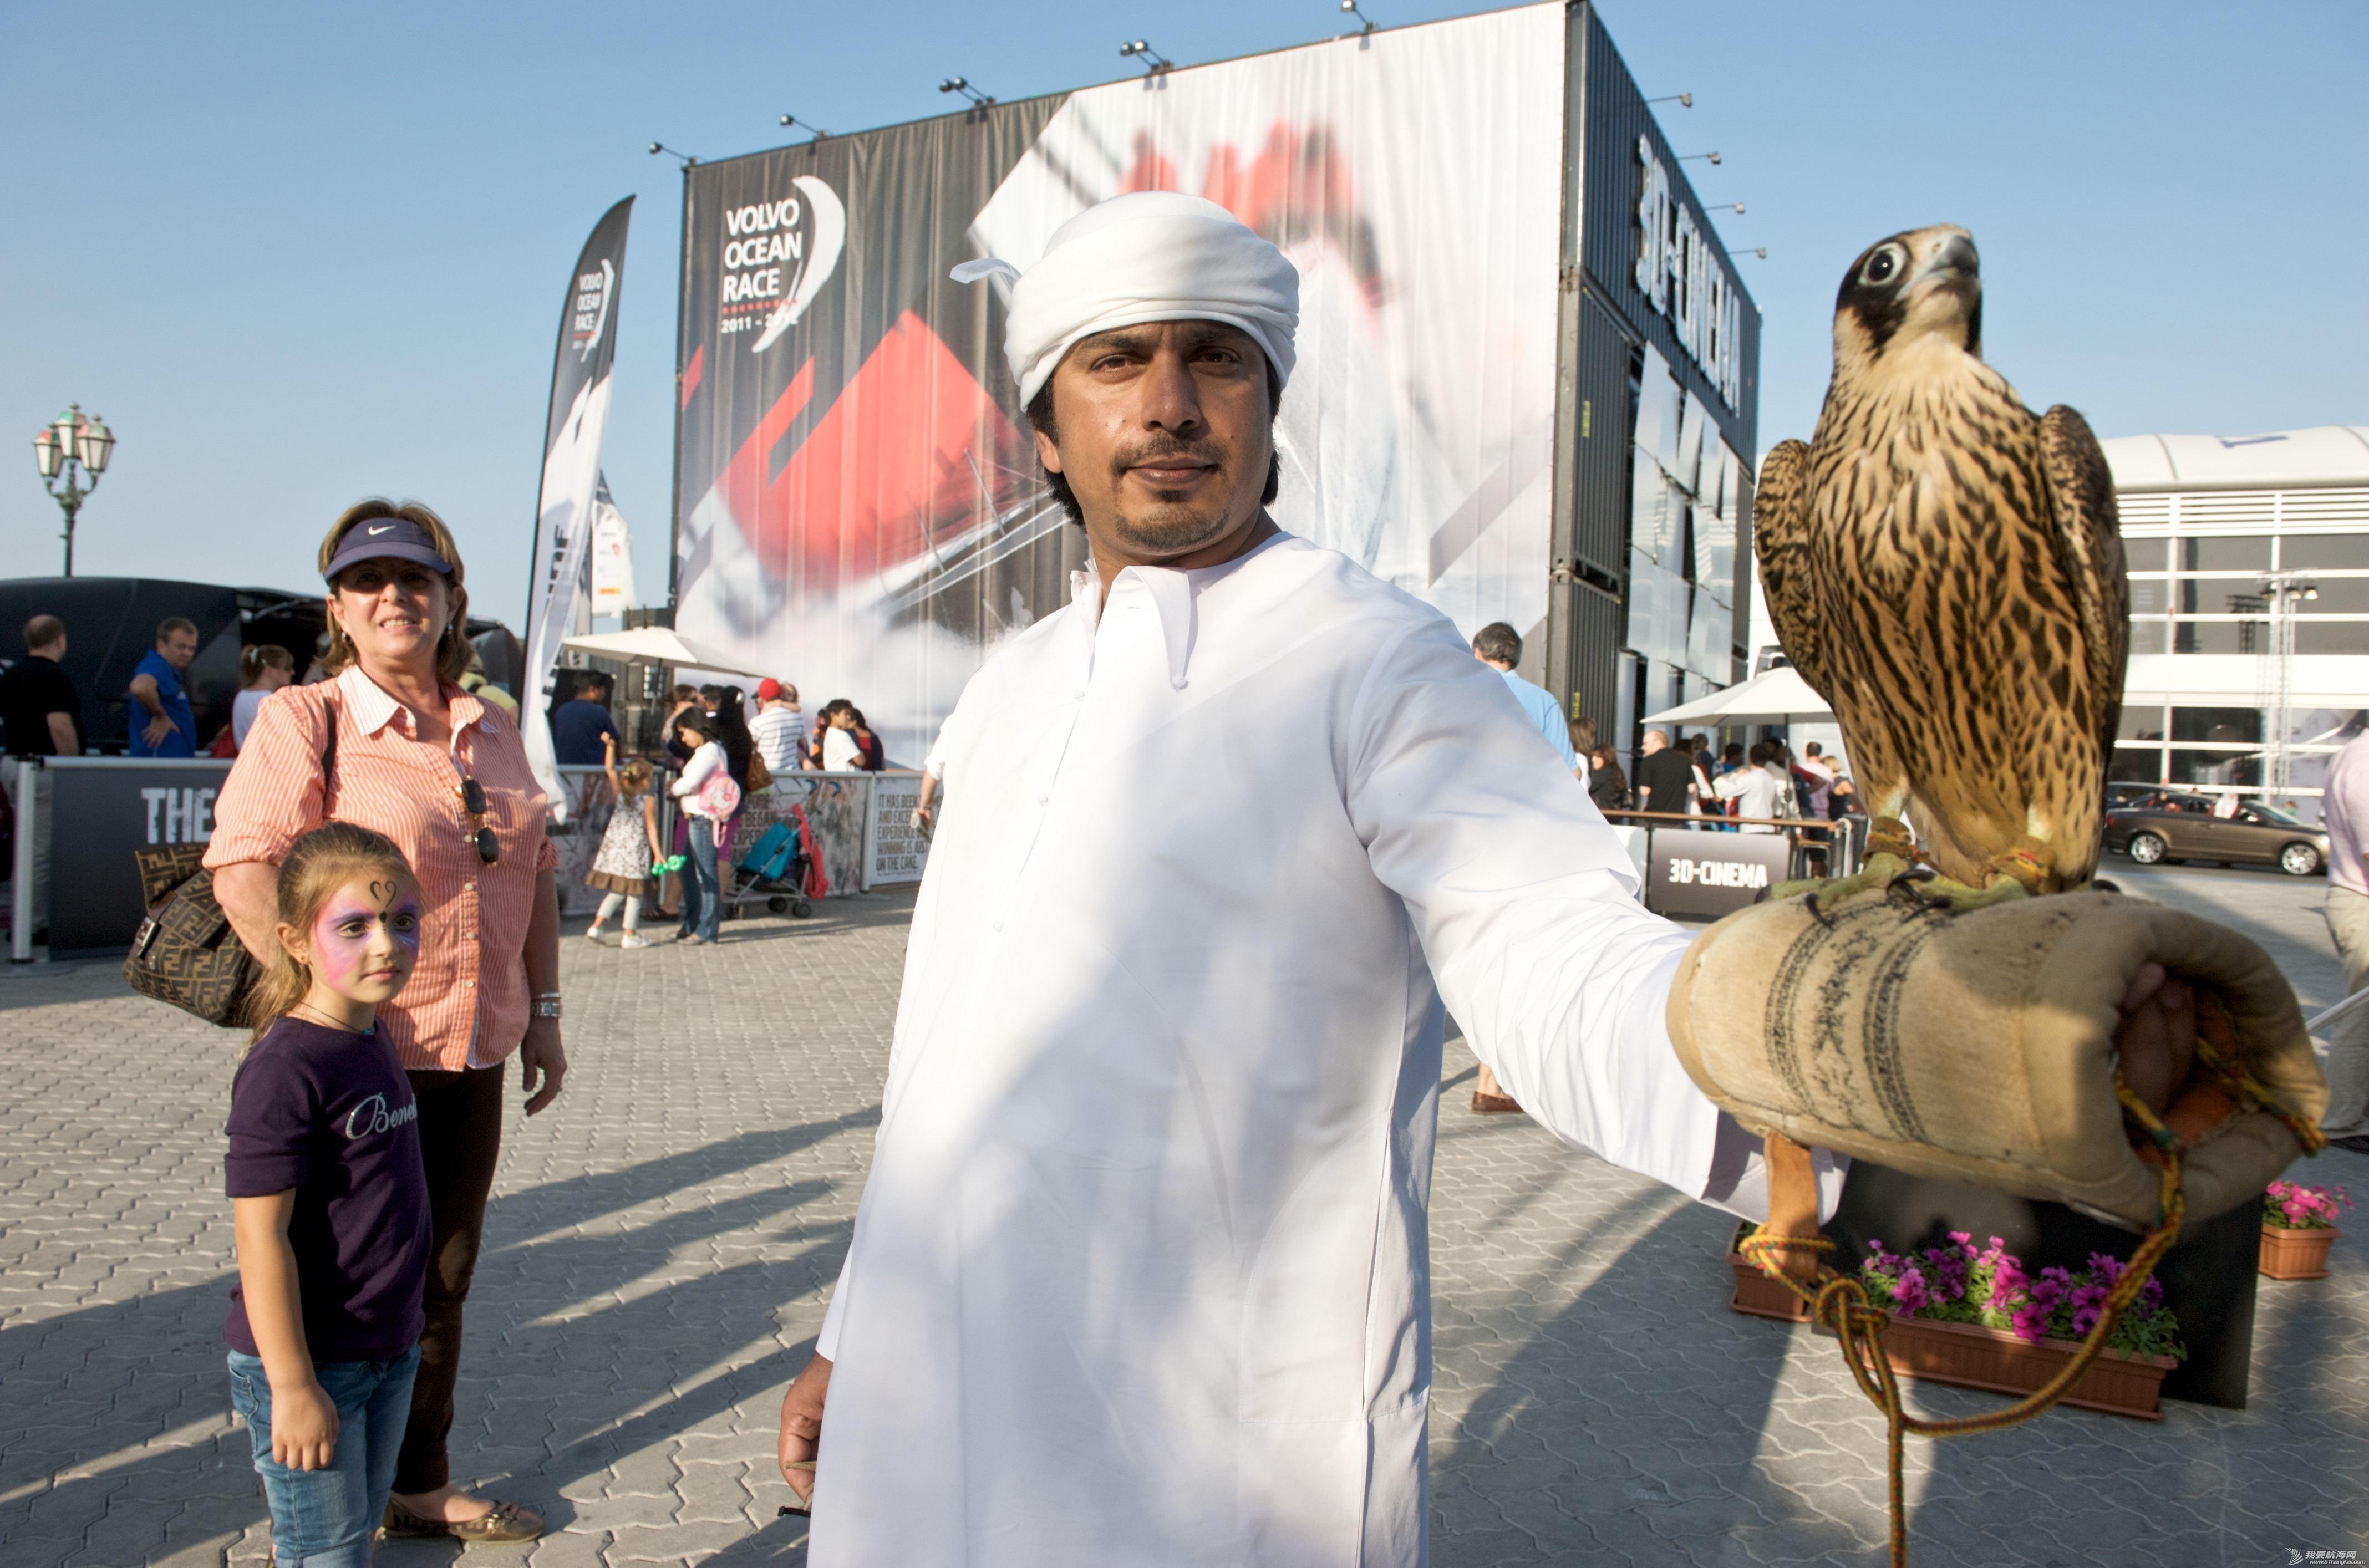 阿布扎比,沃尔沃,烹饪技巧,阿拉伯,俱乐部 阿布扎比停靠港:万事俱备 只欠主角